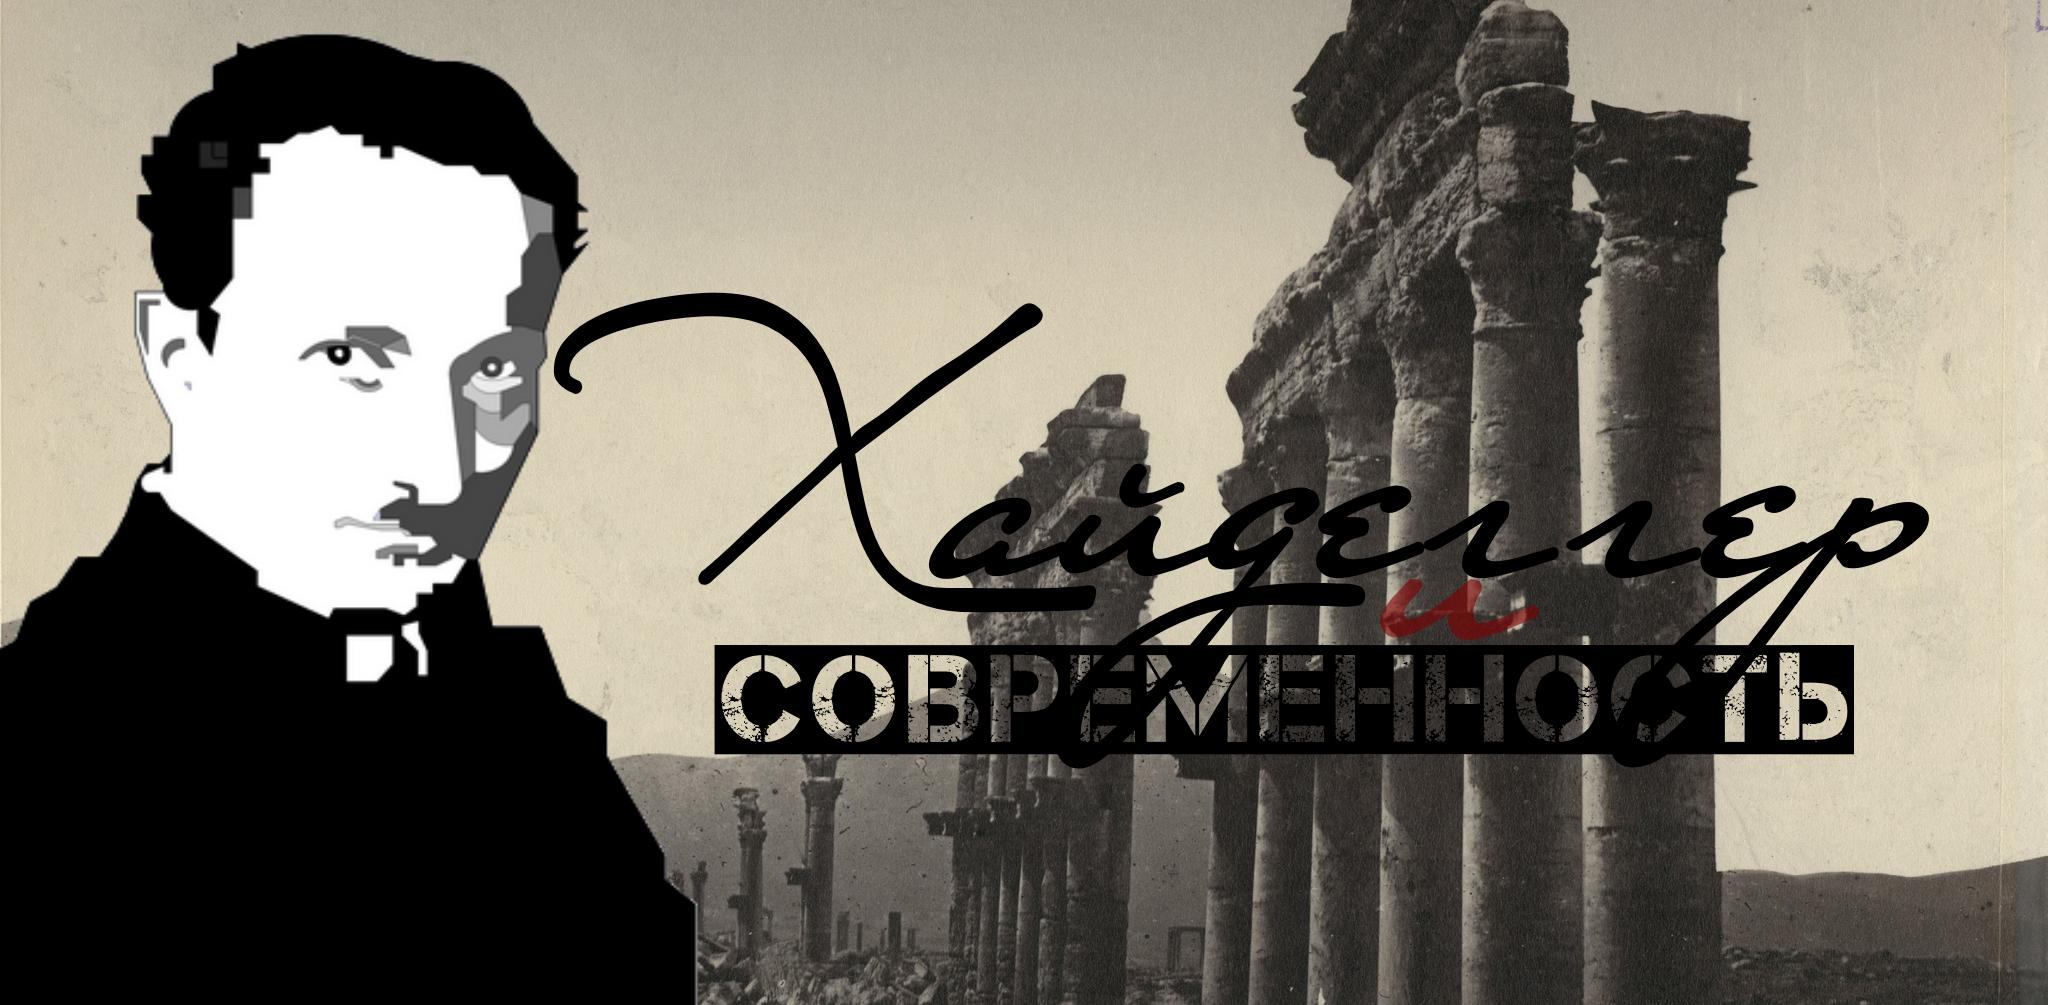 Мартин Хайдеггер и современность (5 октября)